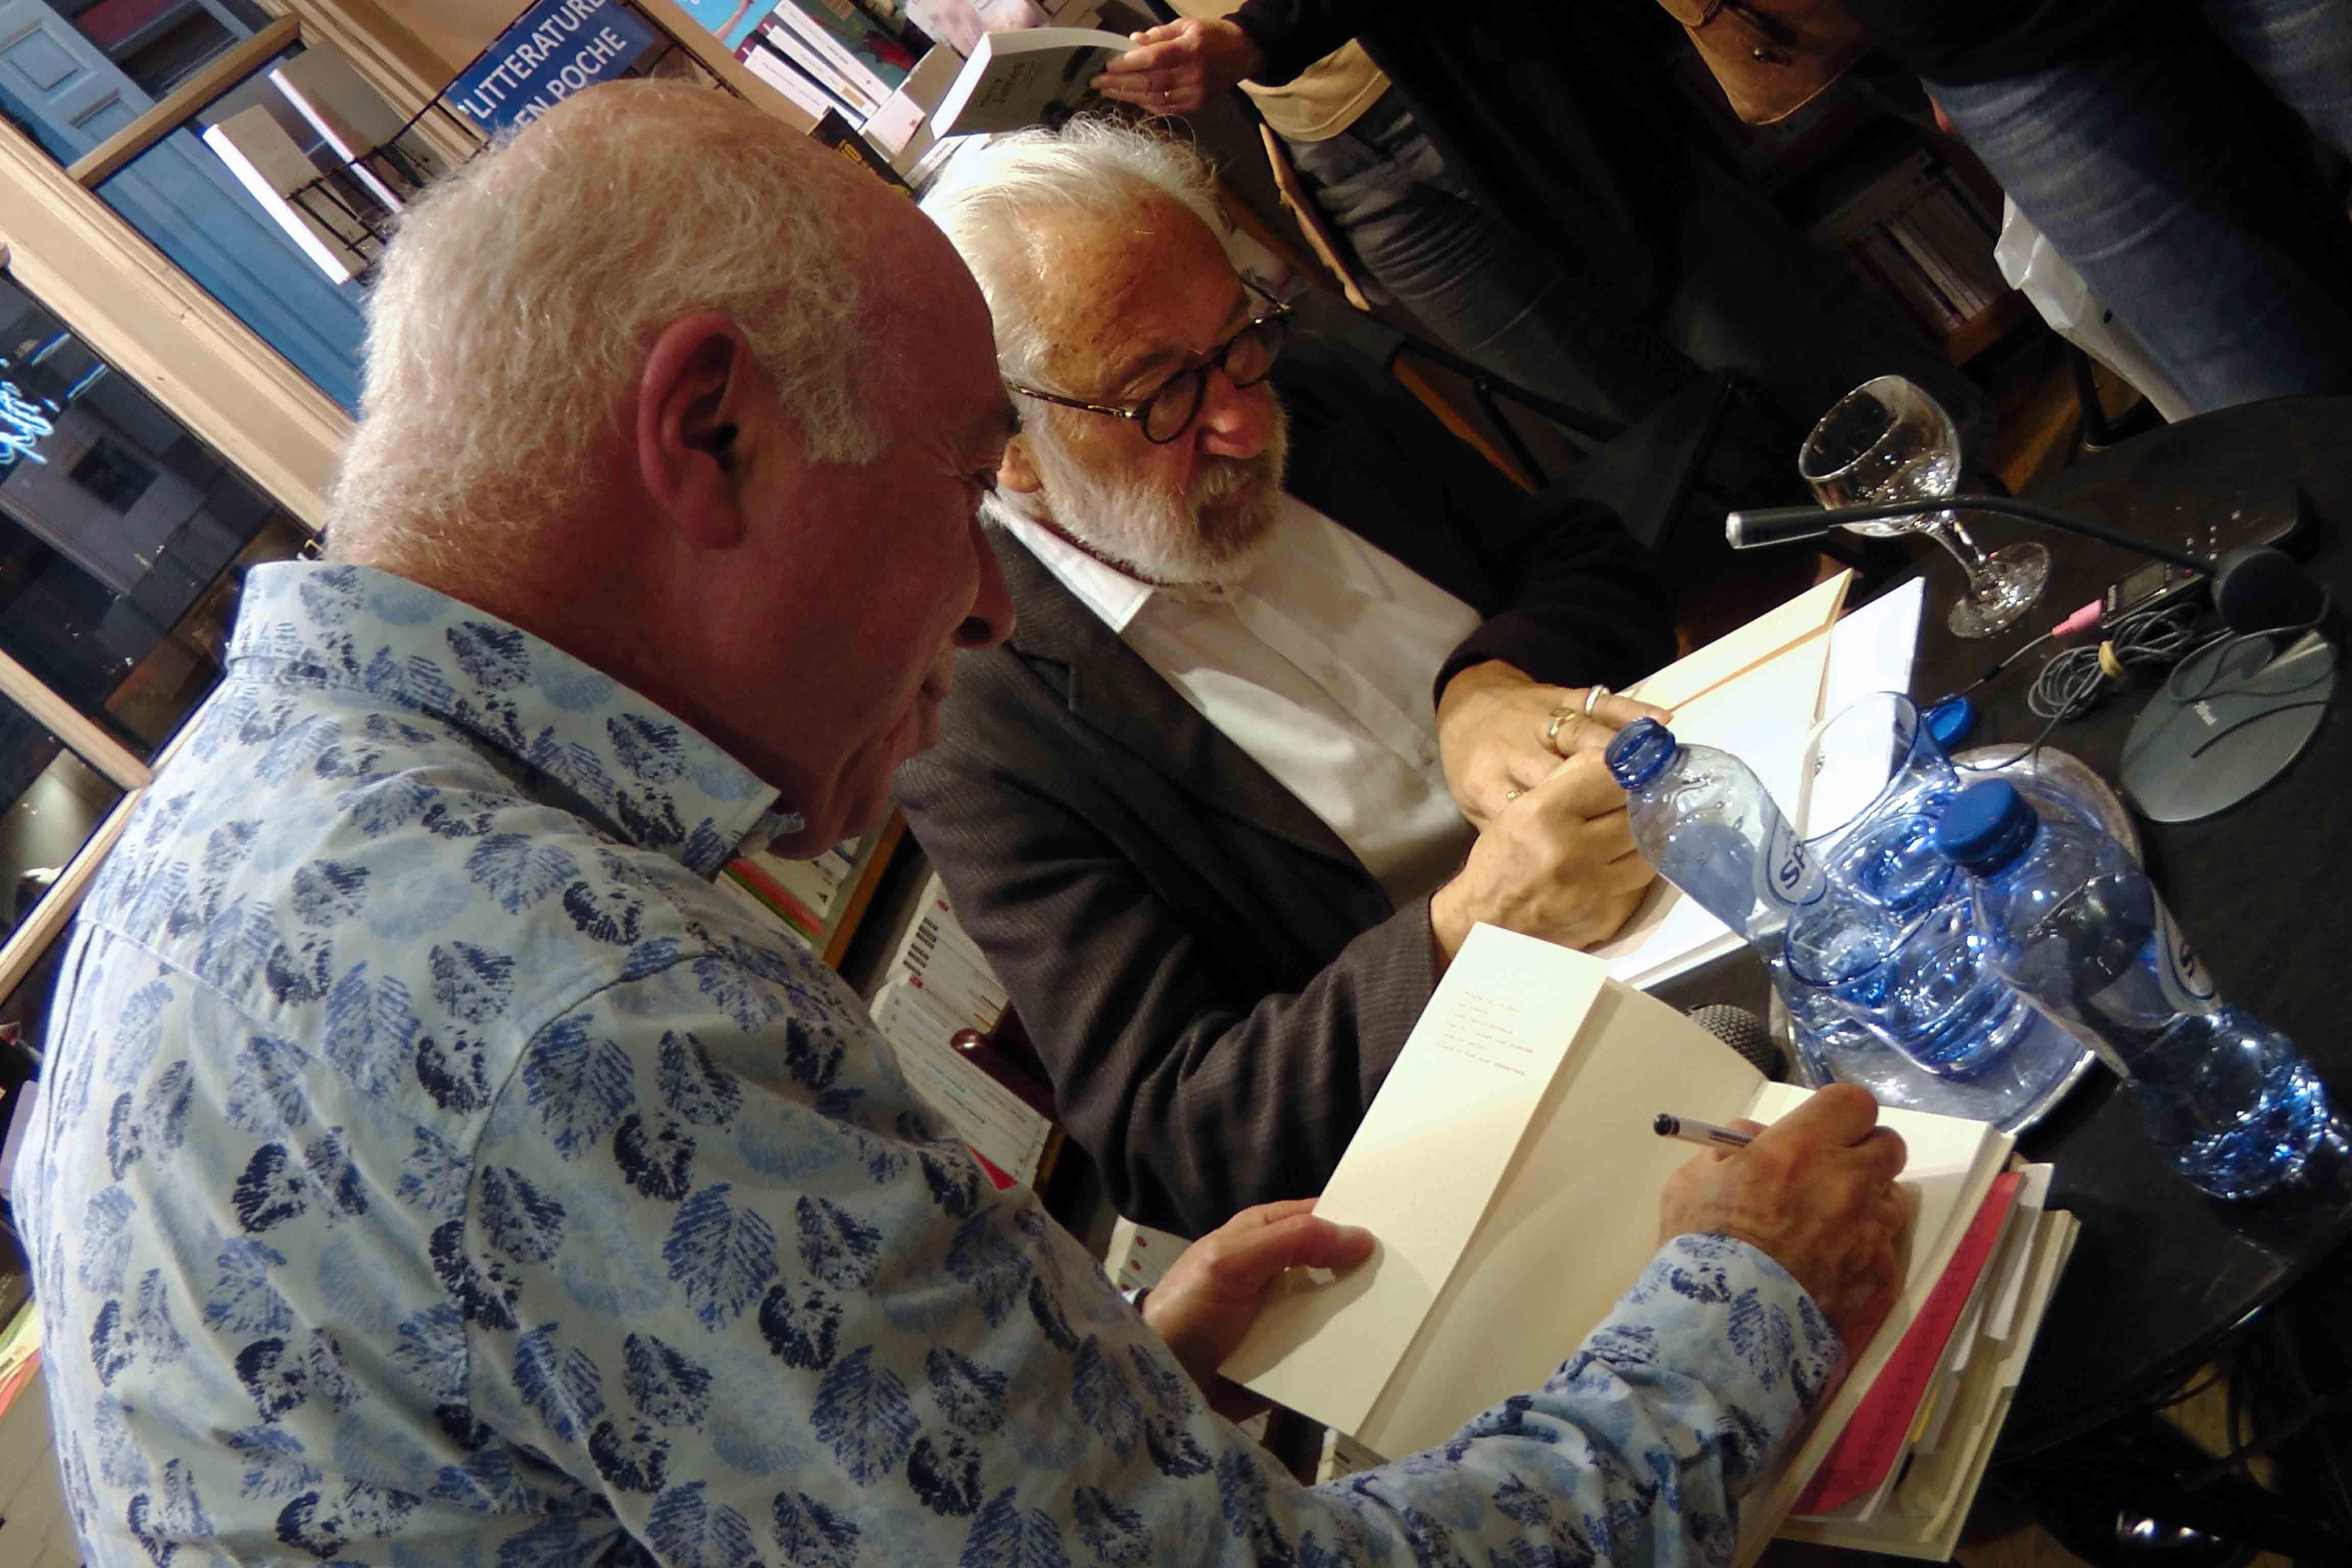 Jacques Sojcher, Richard Kenigsman, dédicaces, Librairie Tropismes, Bruxelles, vagabondssanstreves.com